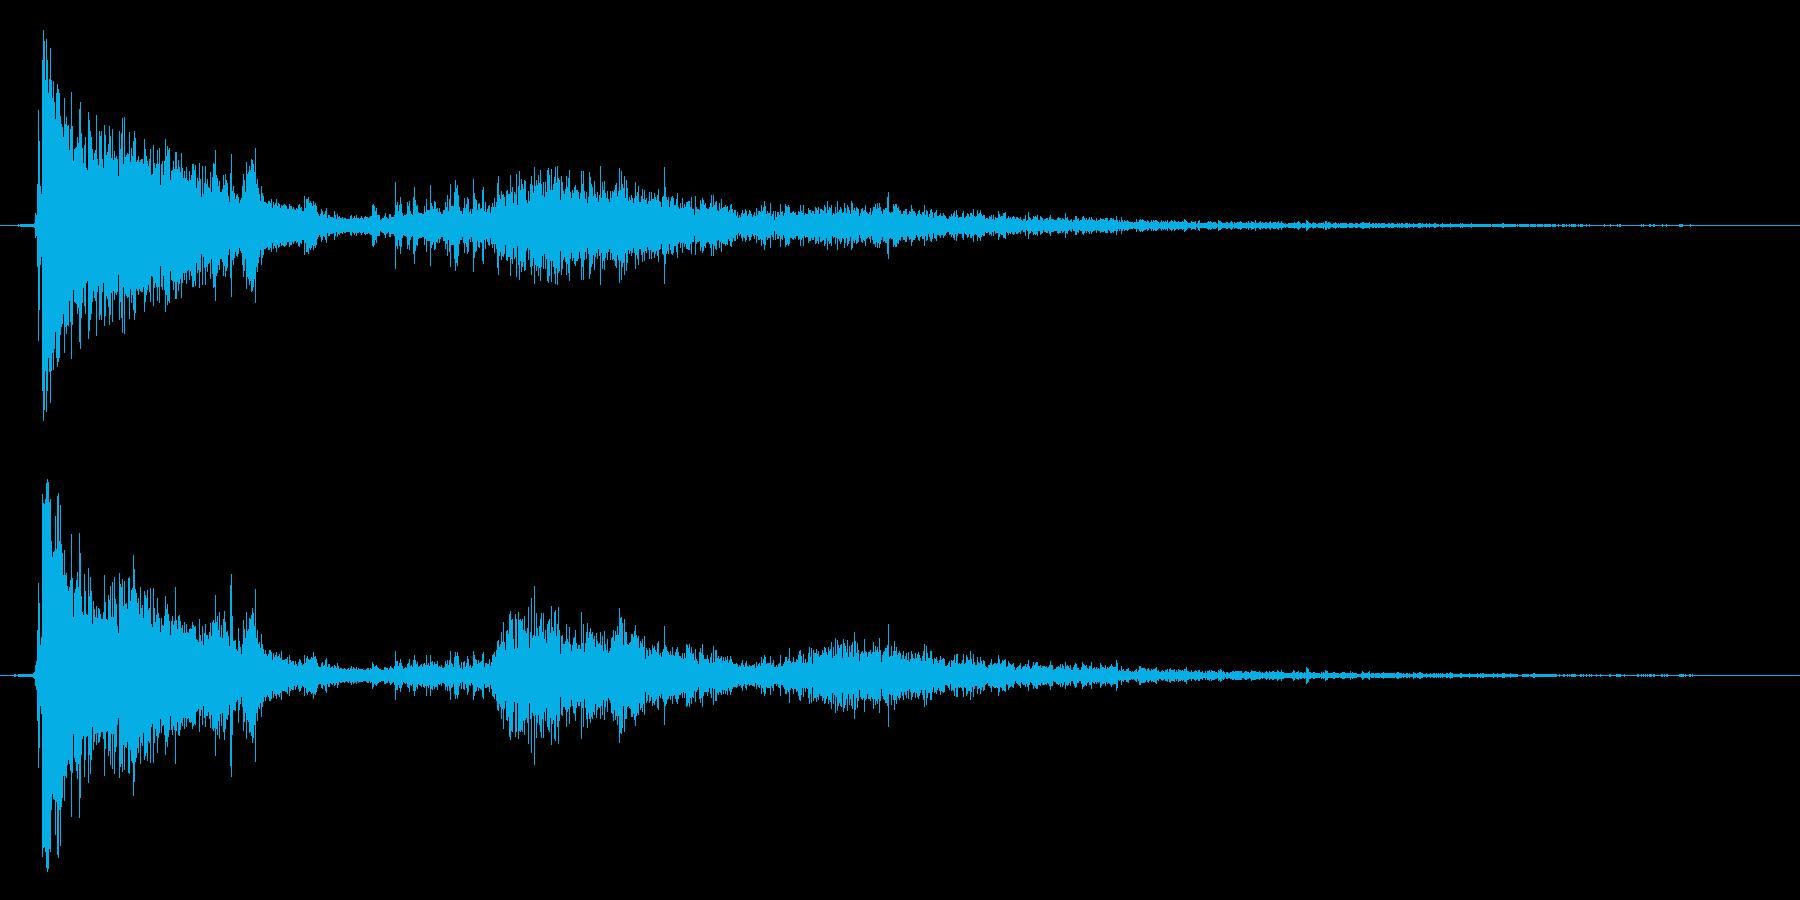 【銃声音015】銃の発砲音の再生済みの波形